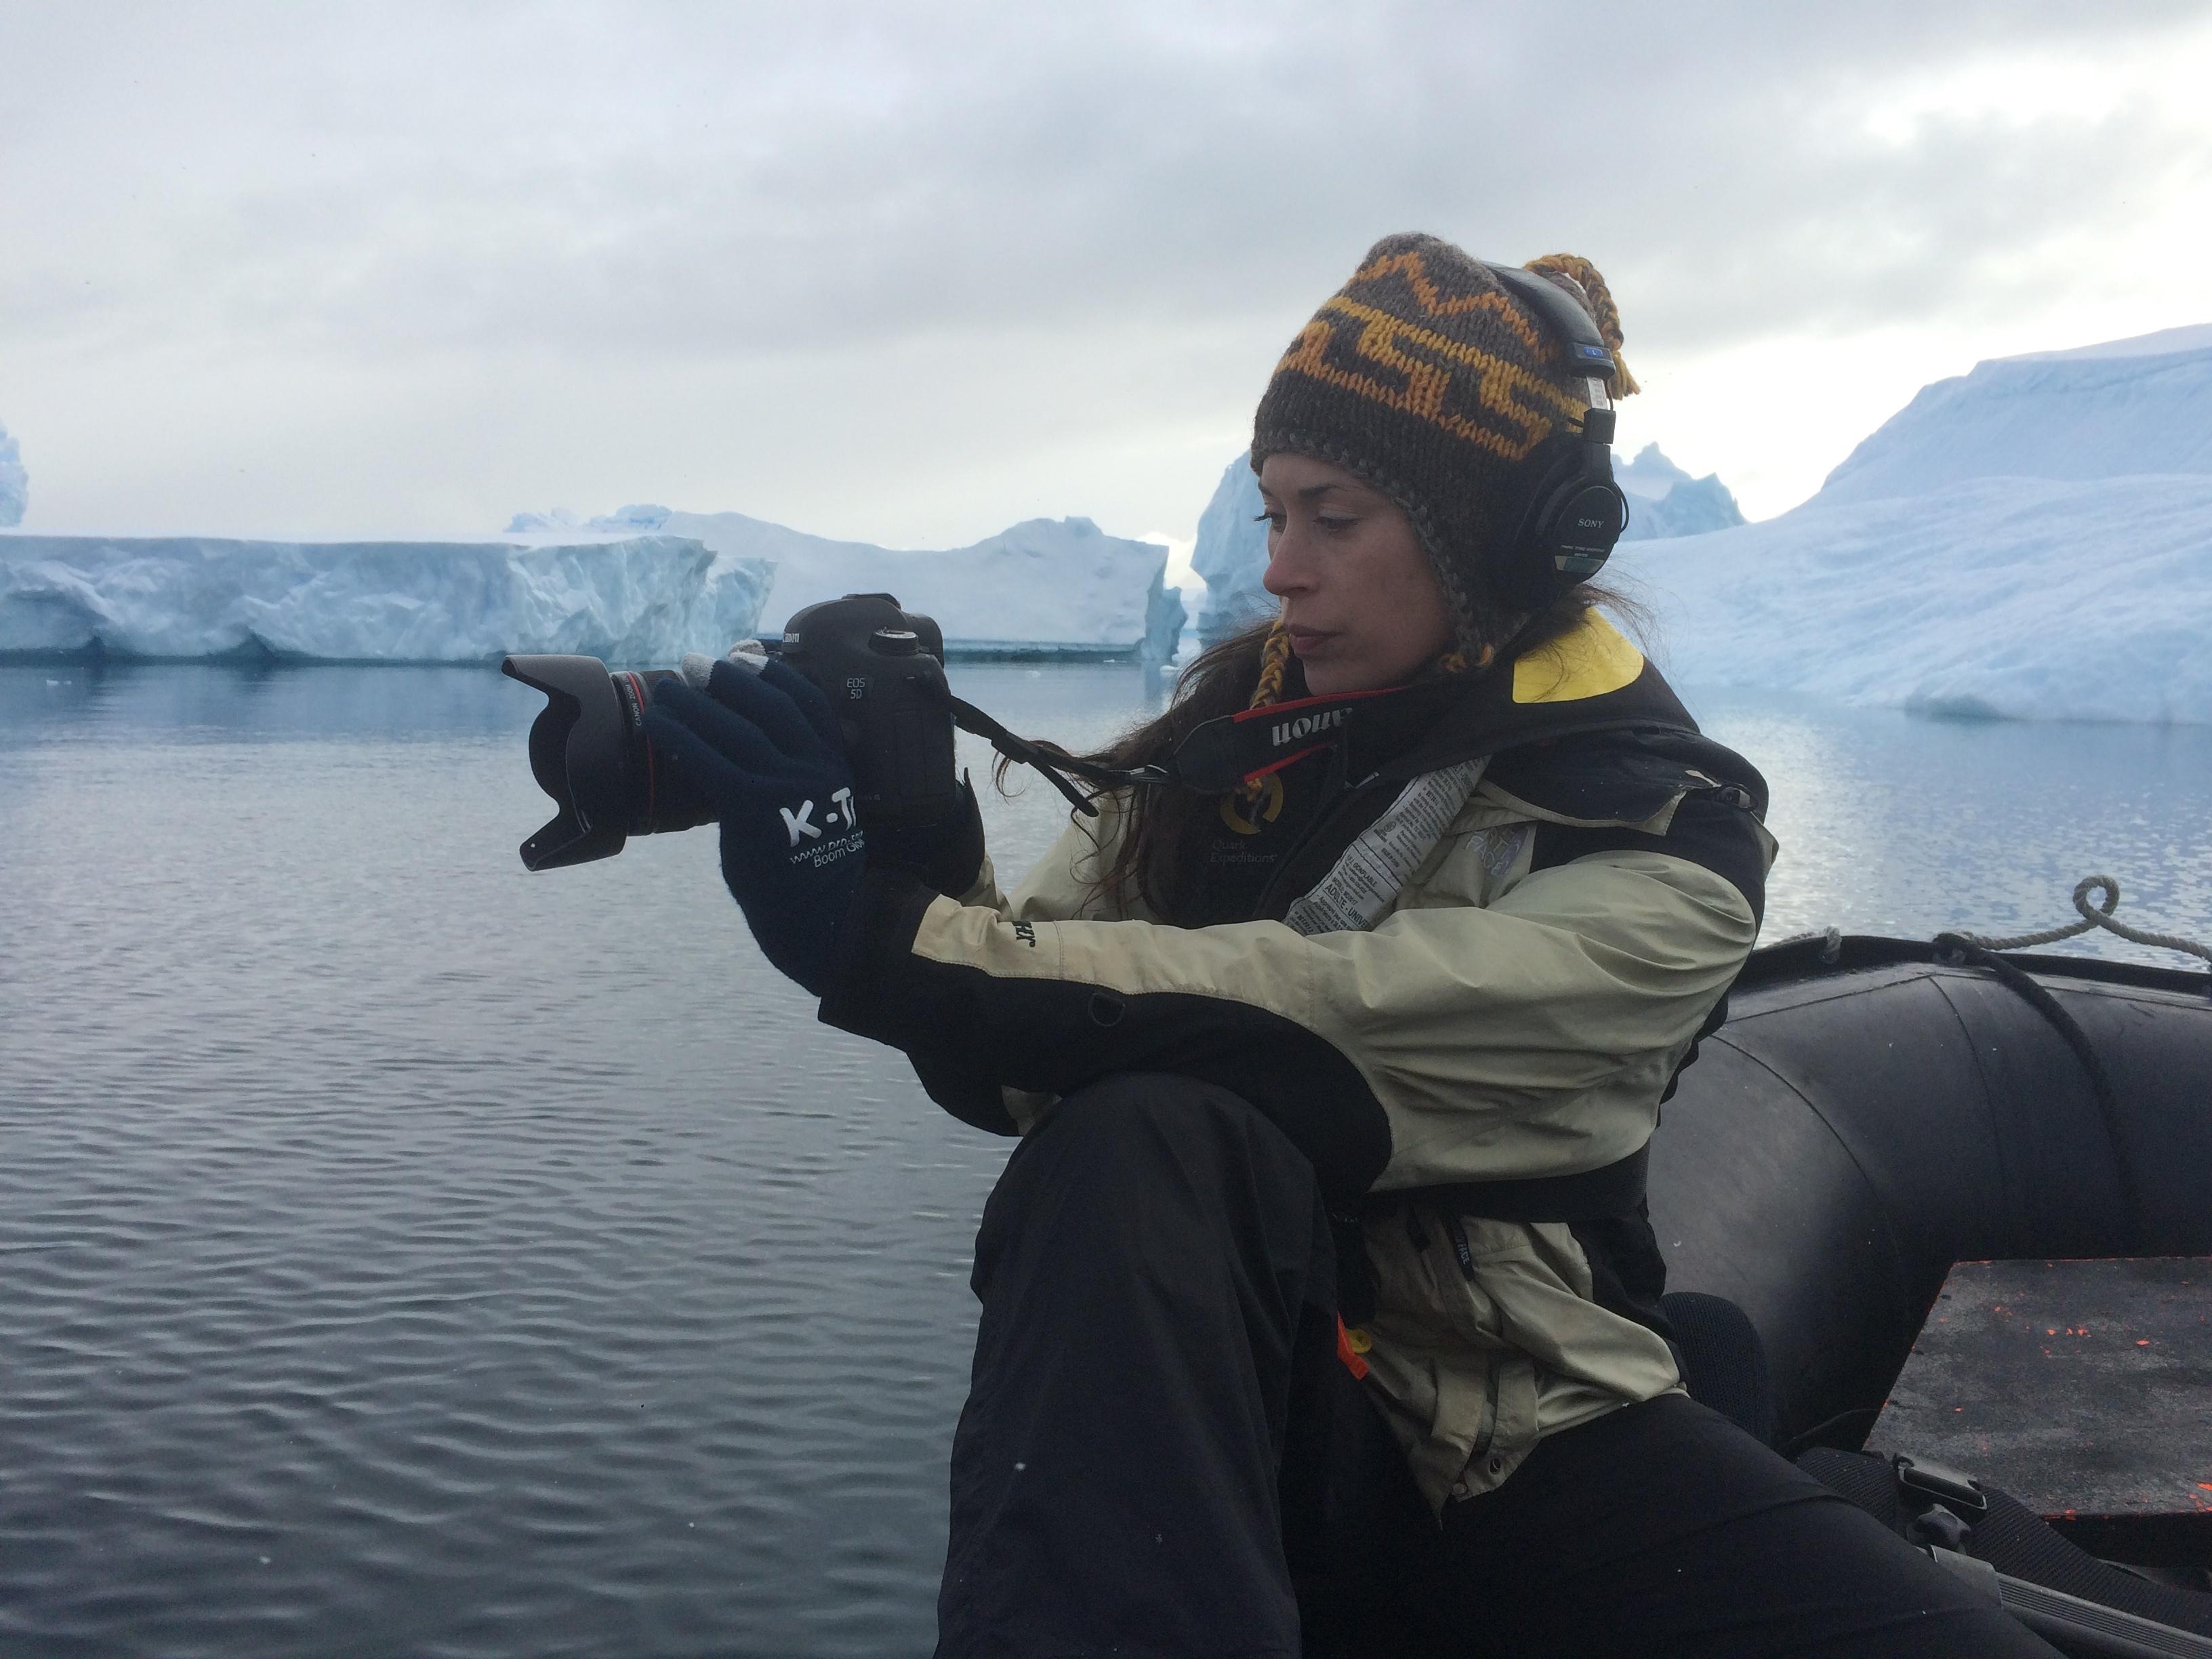 Caitlin McNally takes photos on a GroundTruth Fellowship in Antarctica.